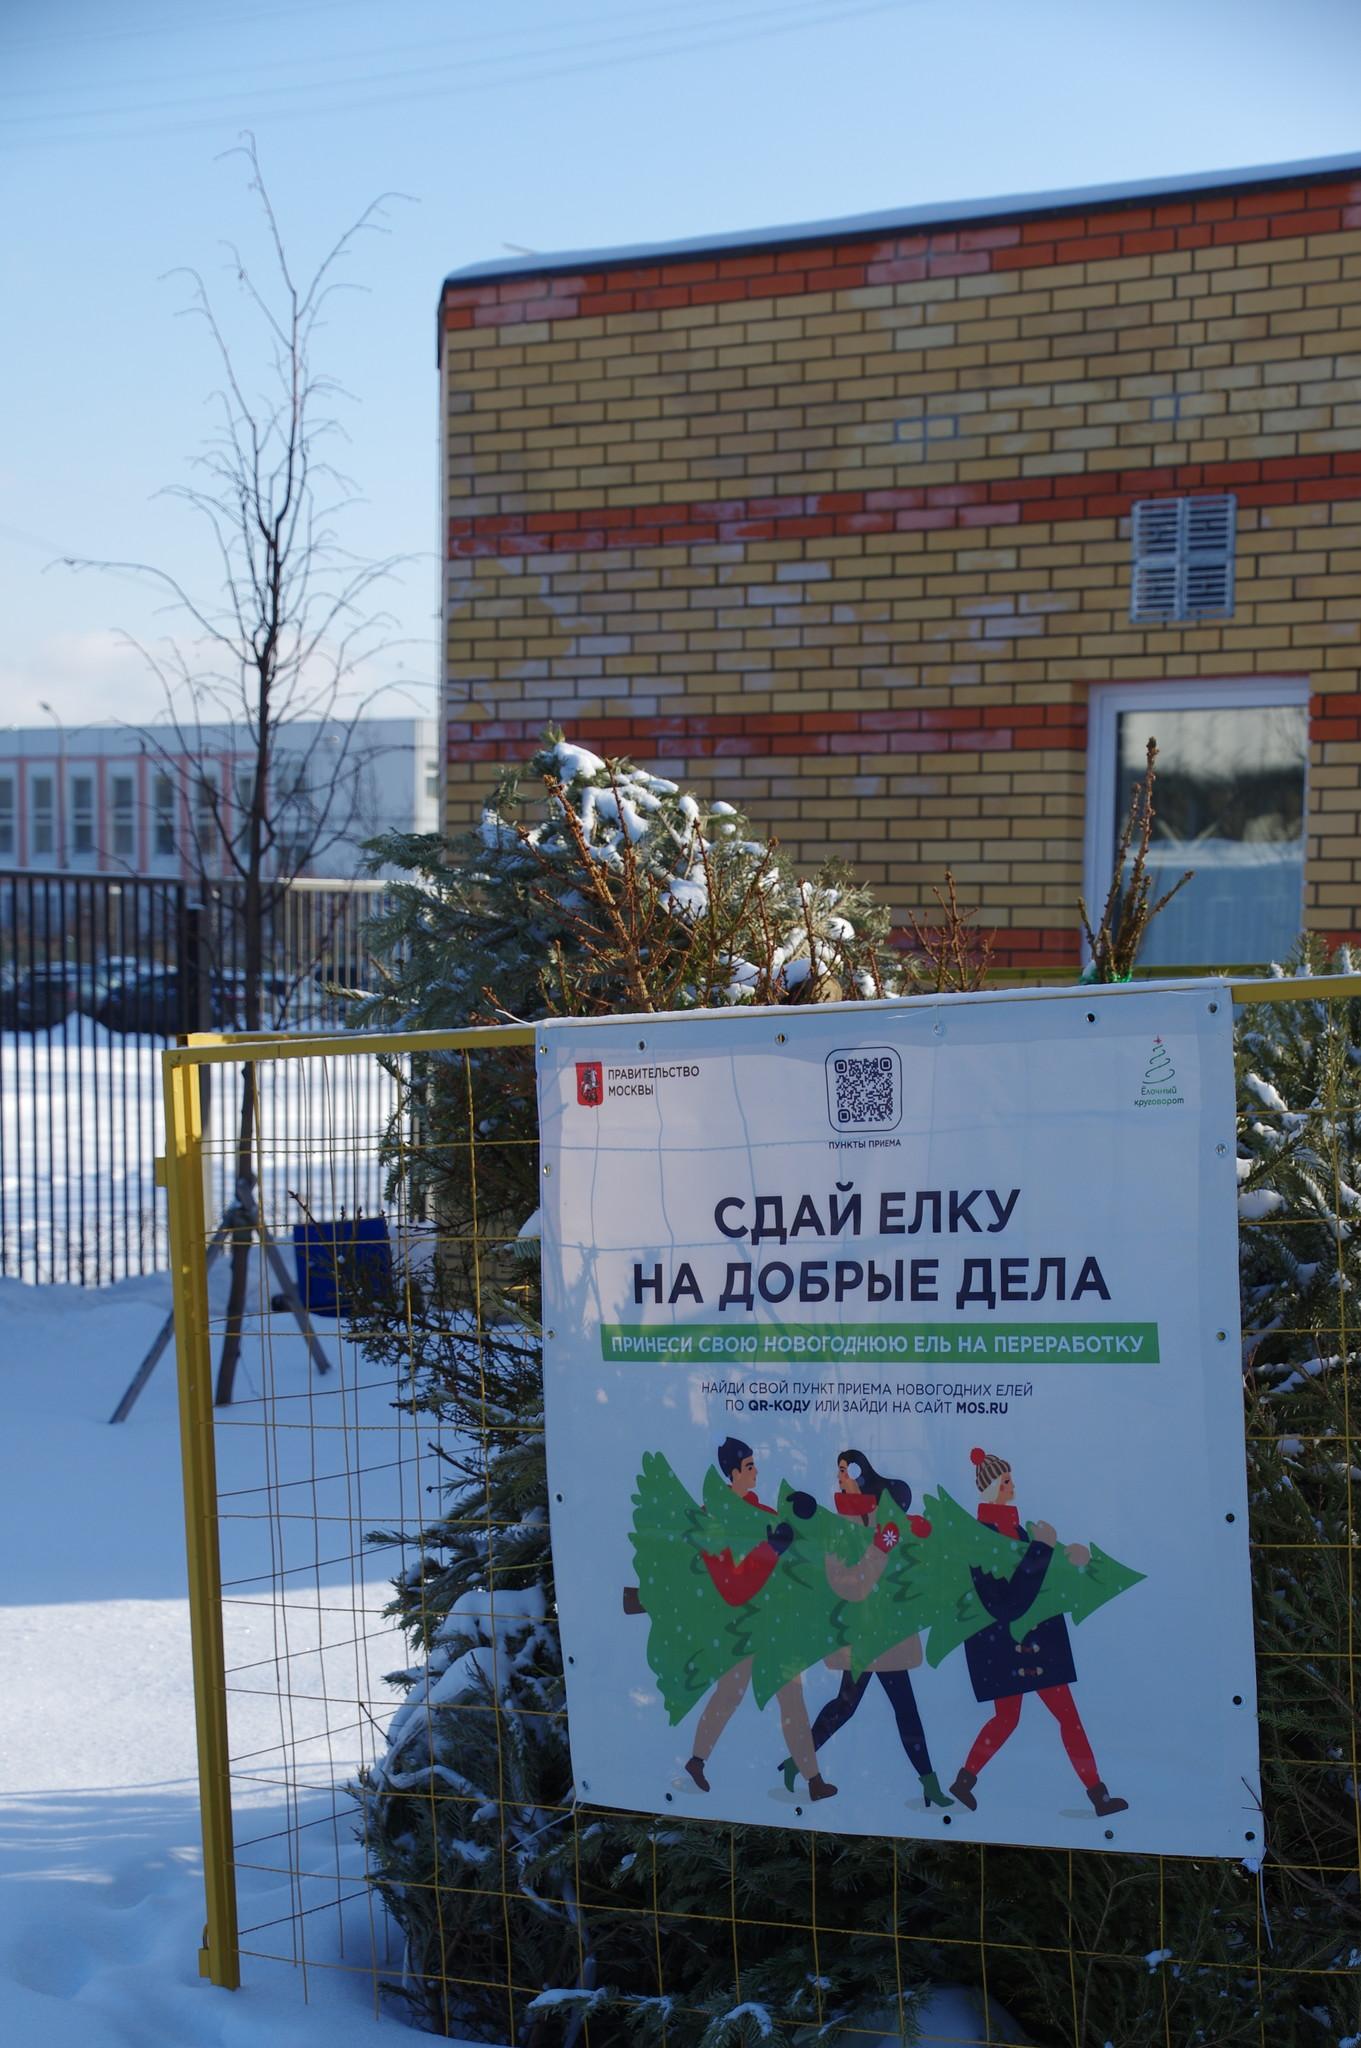 Специальный пункт приёма новогодних ёлок для утилизации в рамках акции «Ёлочный круговорот» на 9-ой Северной линии